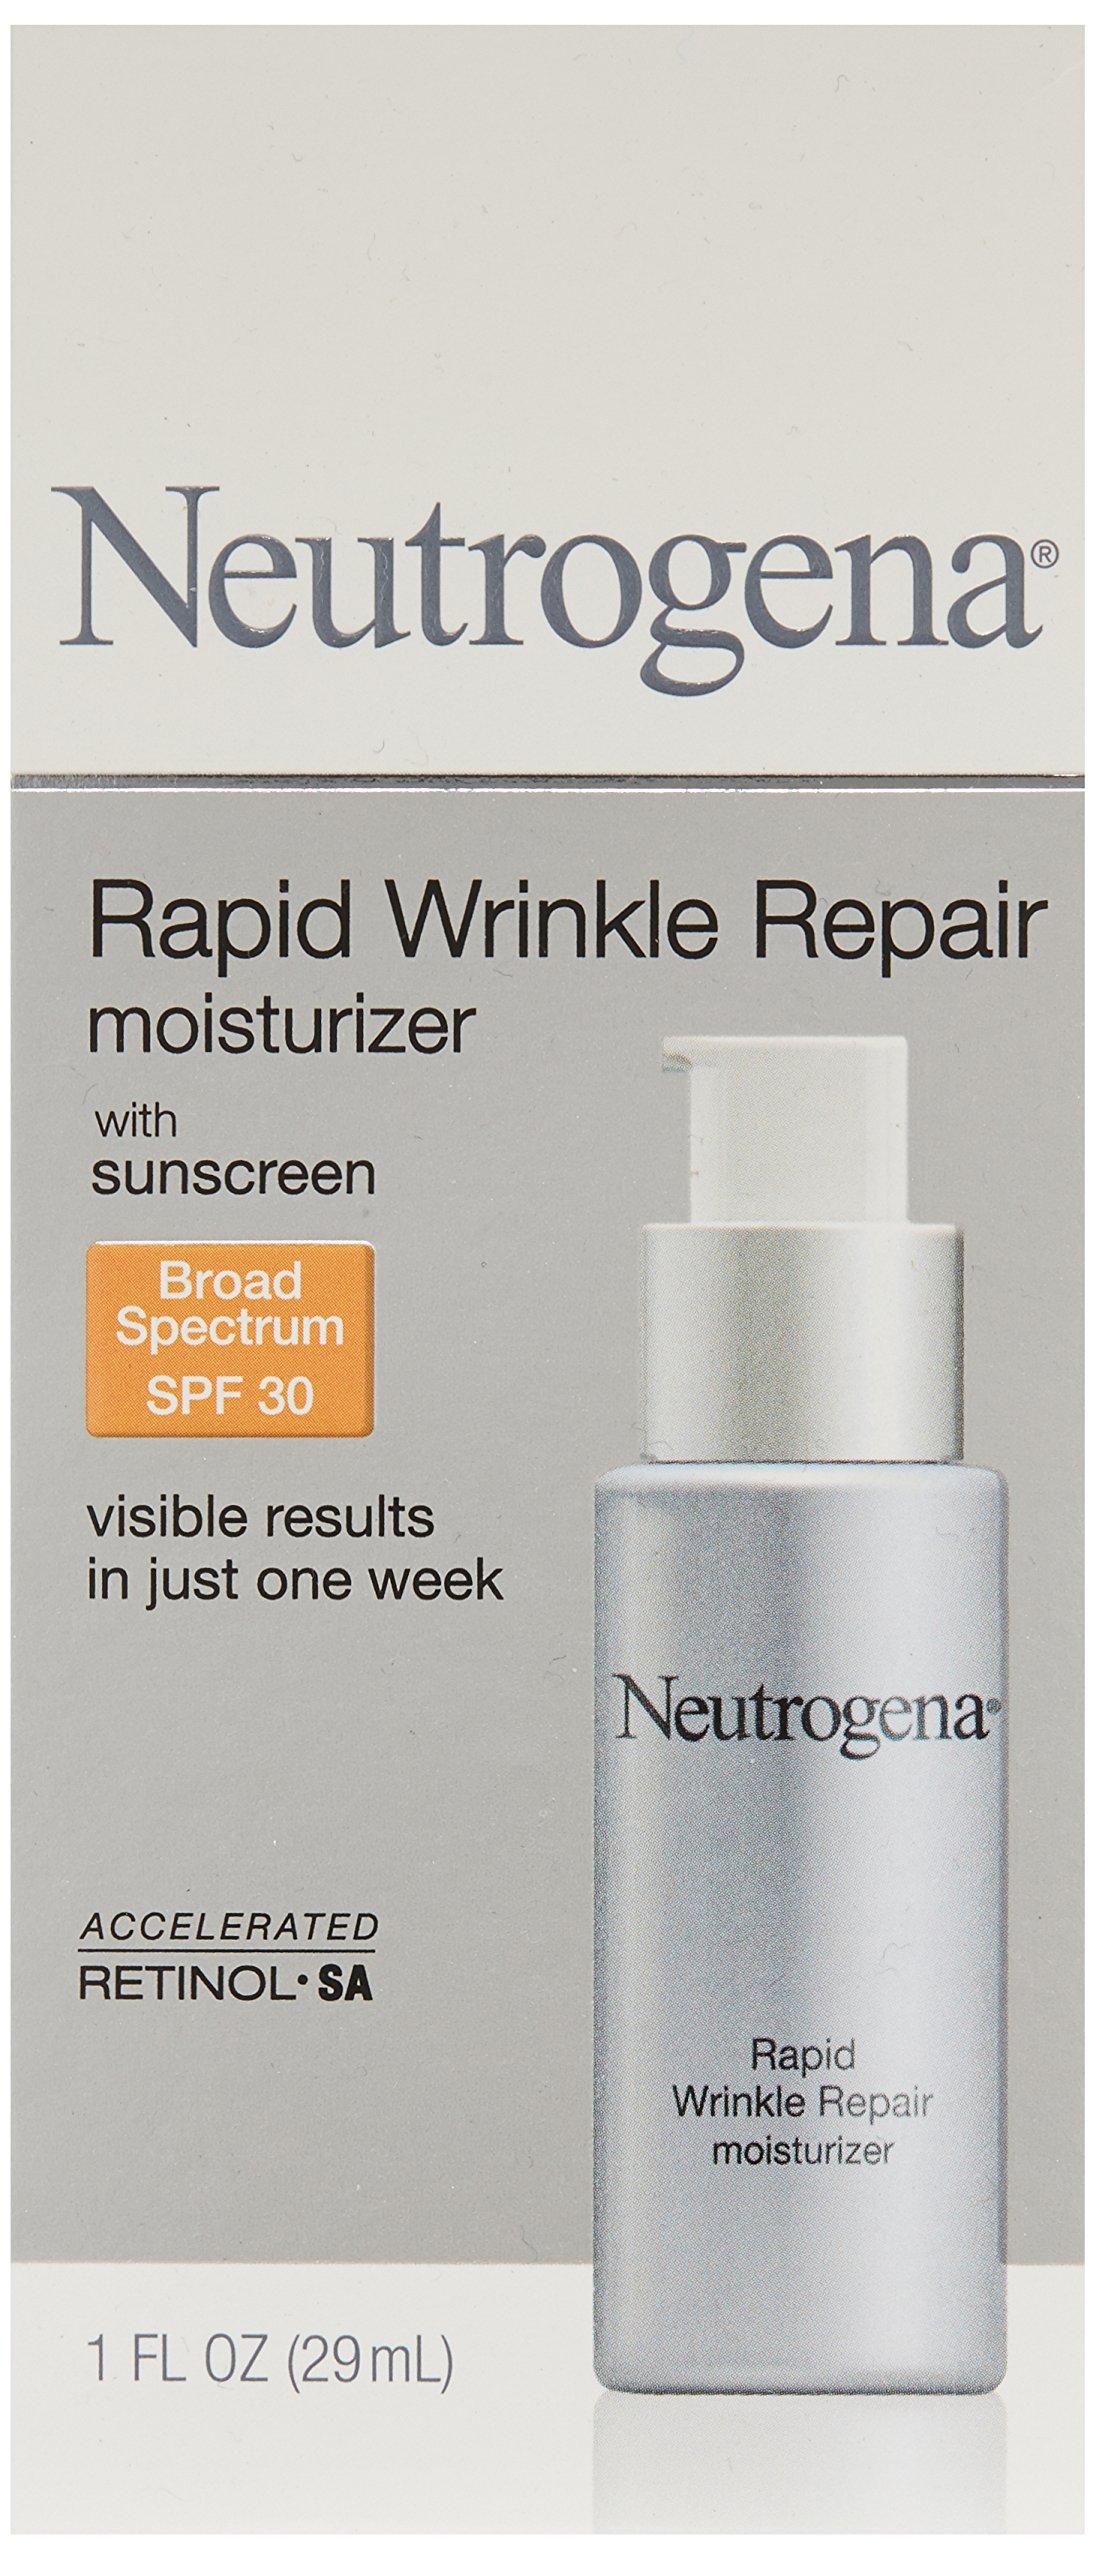 Neutrogena Rapid Wrinkle Repair Anti-Wrinkle Retinol Daily Face Moisturizer, with SPF 30 Sunscreen, 1 fl. Oz by Neutrogena (Image #3)